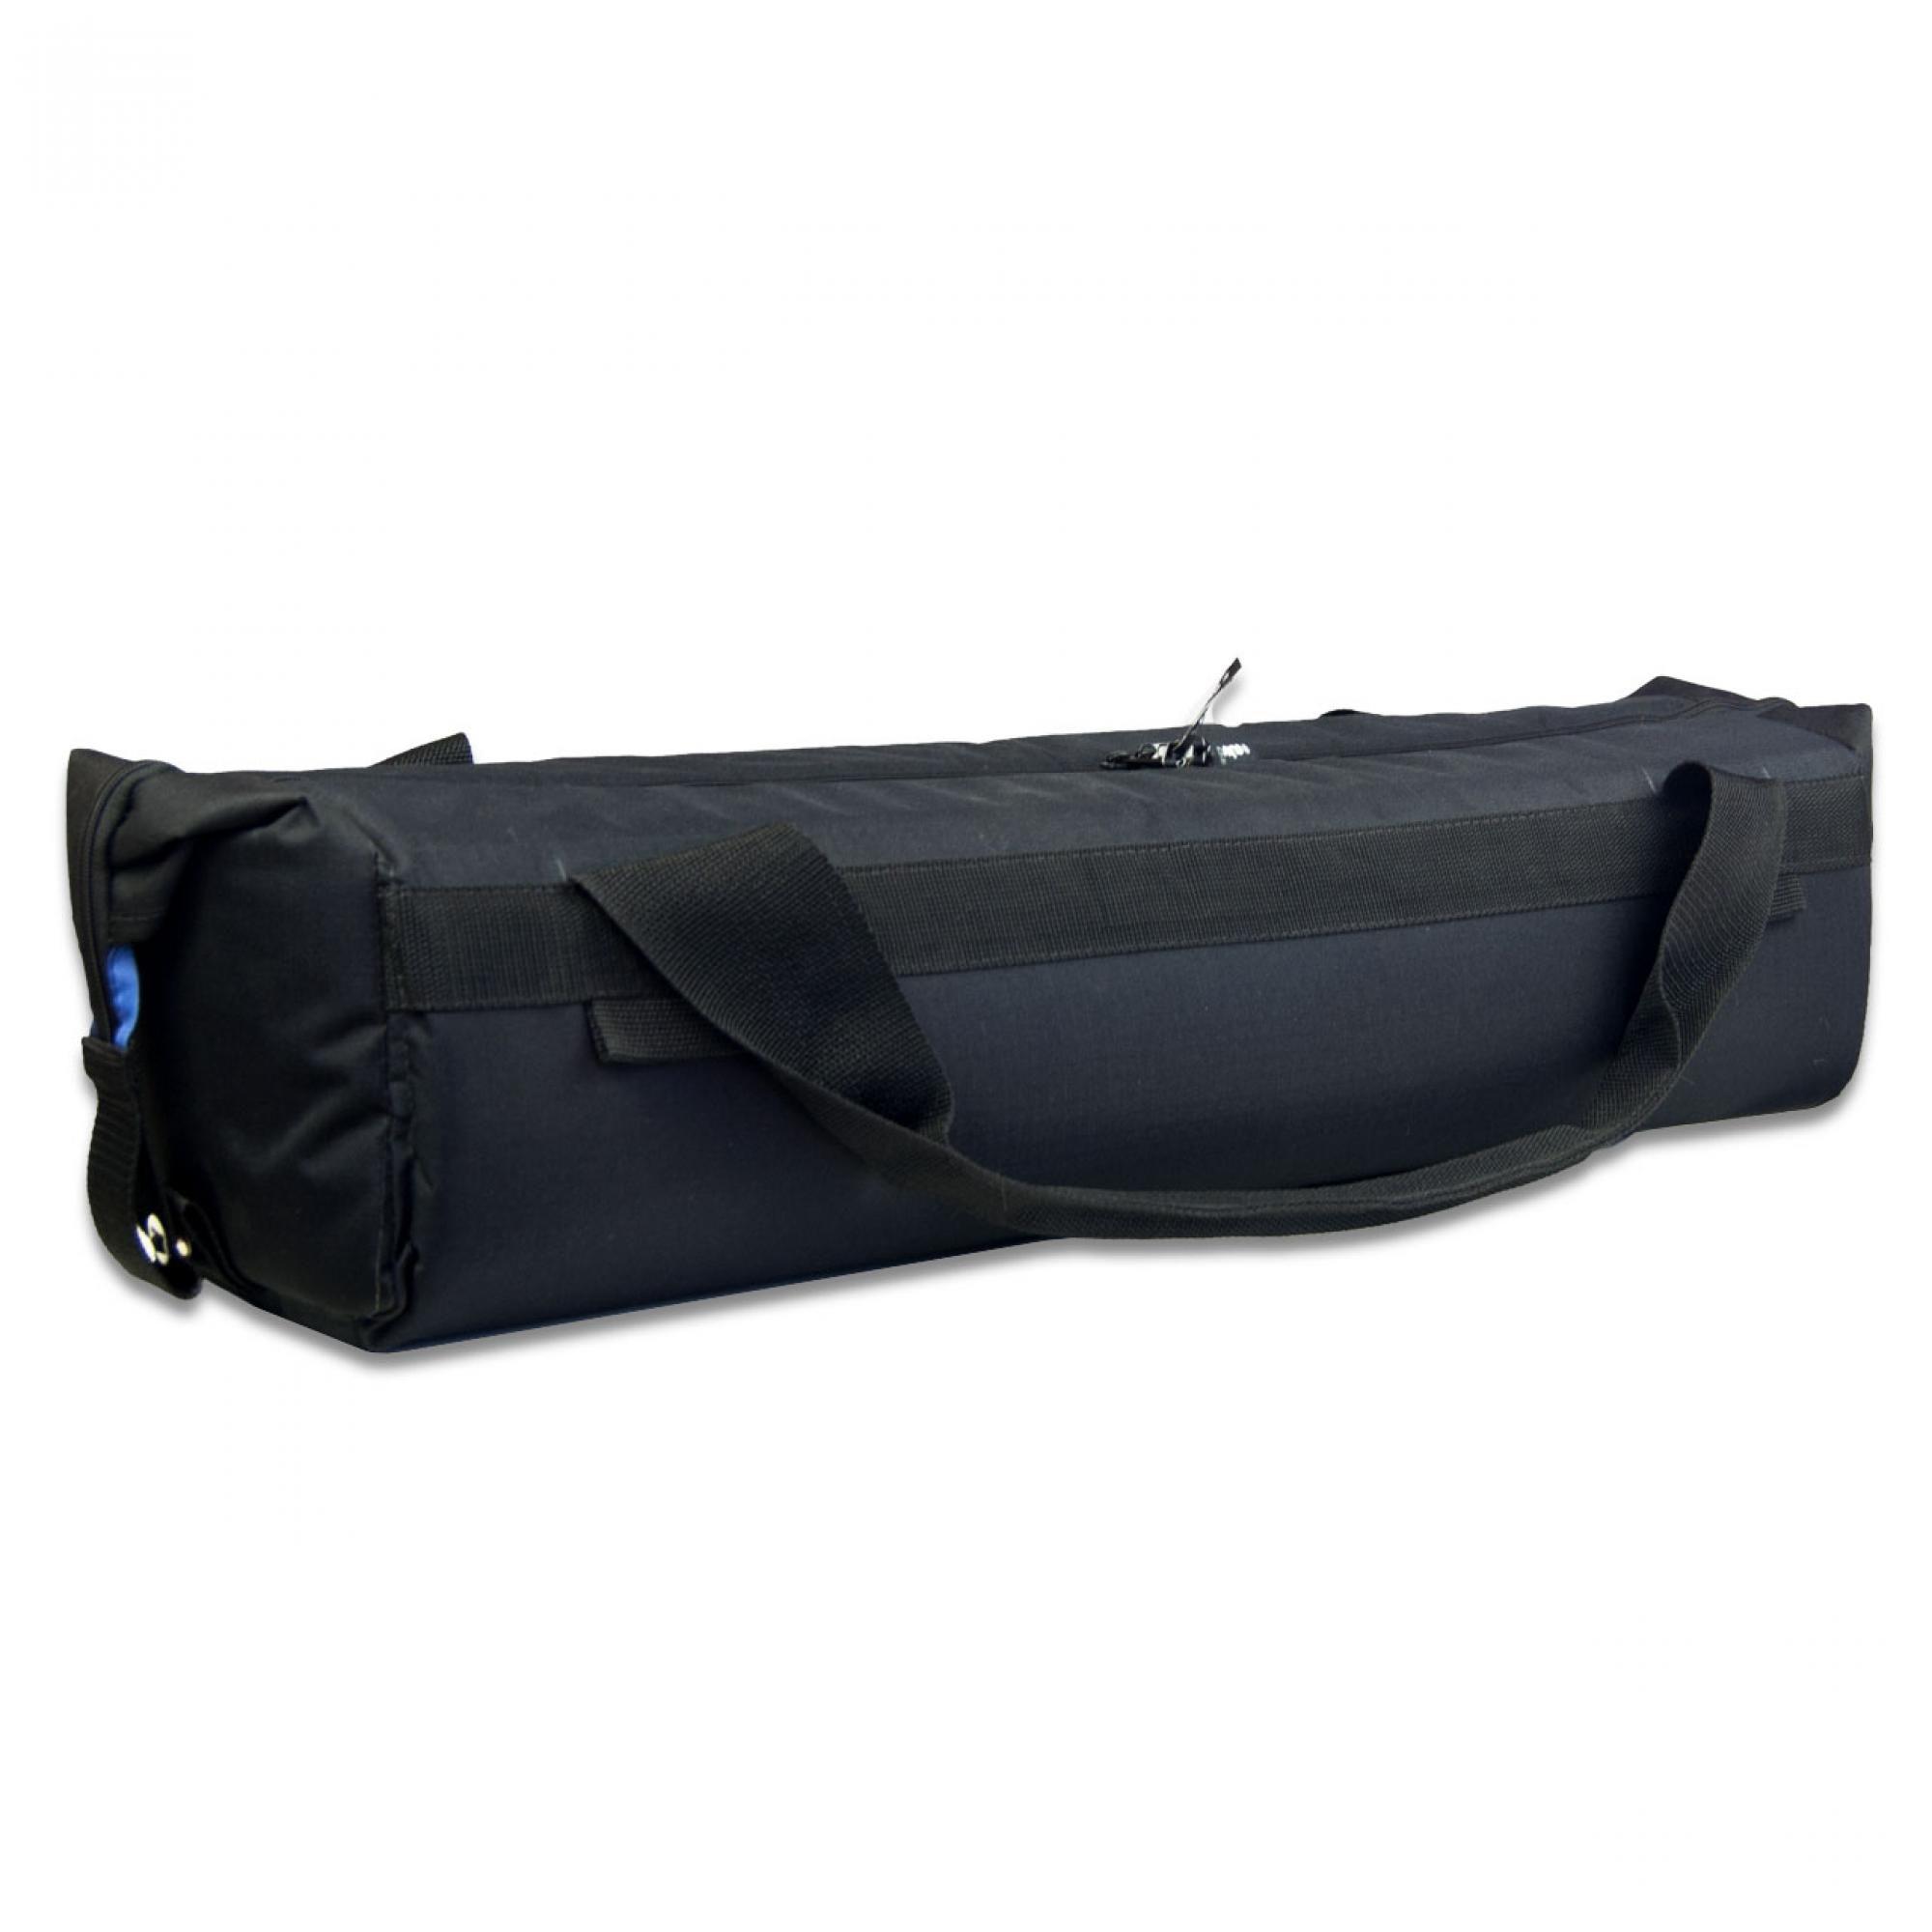 Capa ou Bag de Conjunto Com Divisória 84cm Alhva 160 Tripé, Tocha, Haze, Sombrinha, Cabos